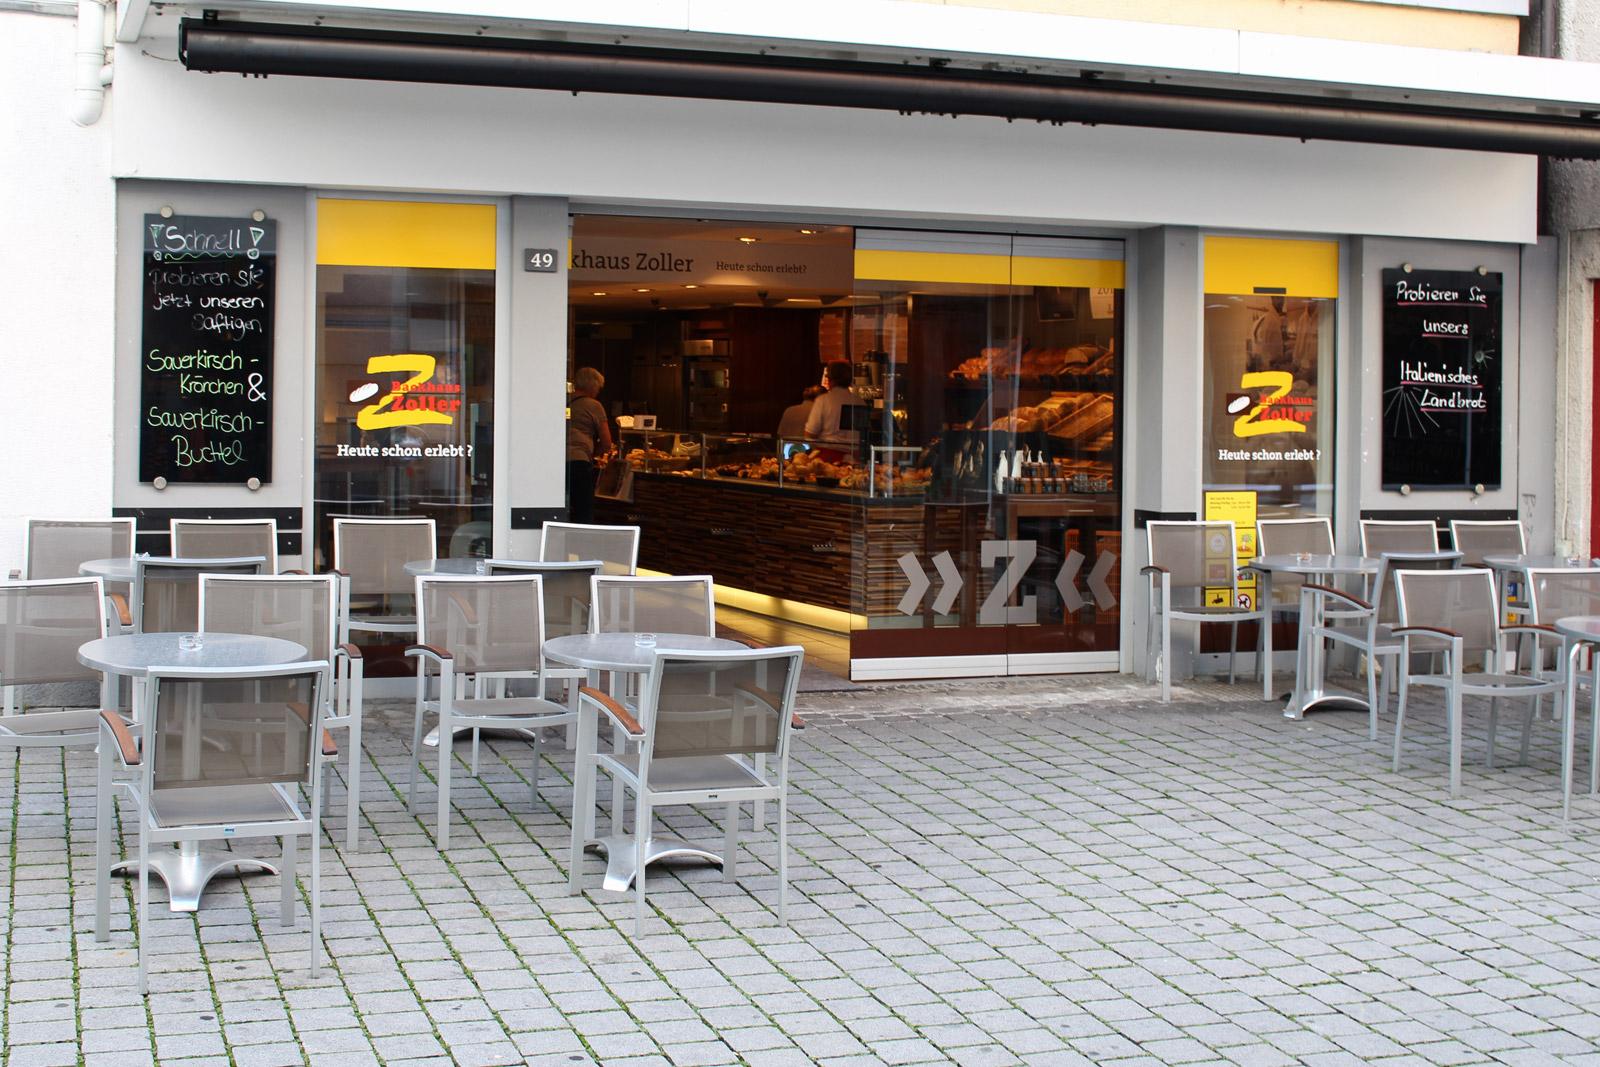 backhaus-zoller-fageschaeft_Pliensau-aussen-1